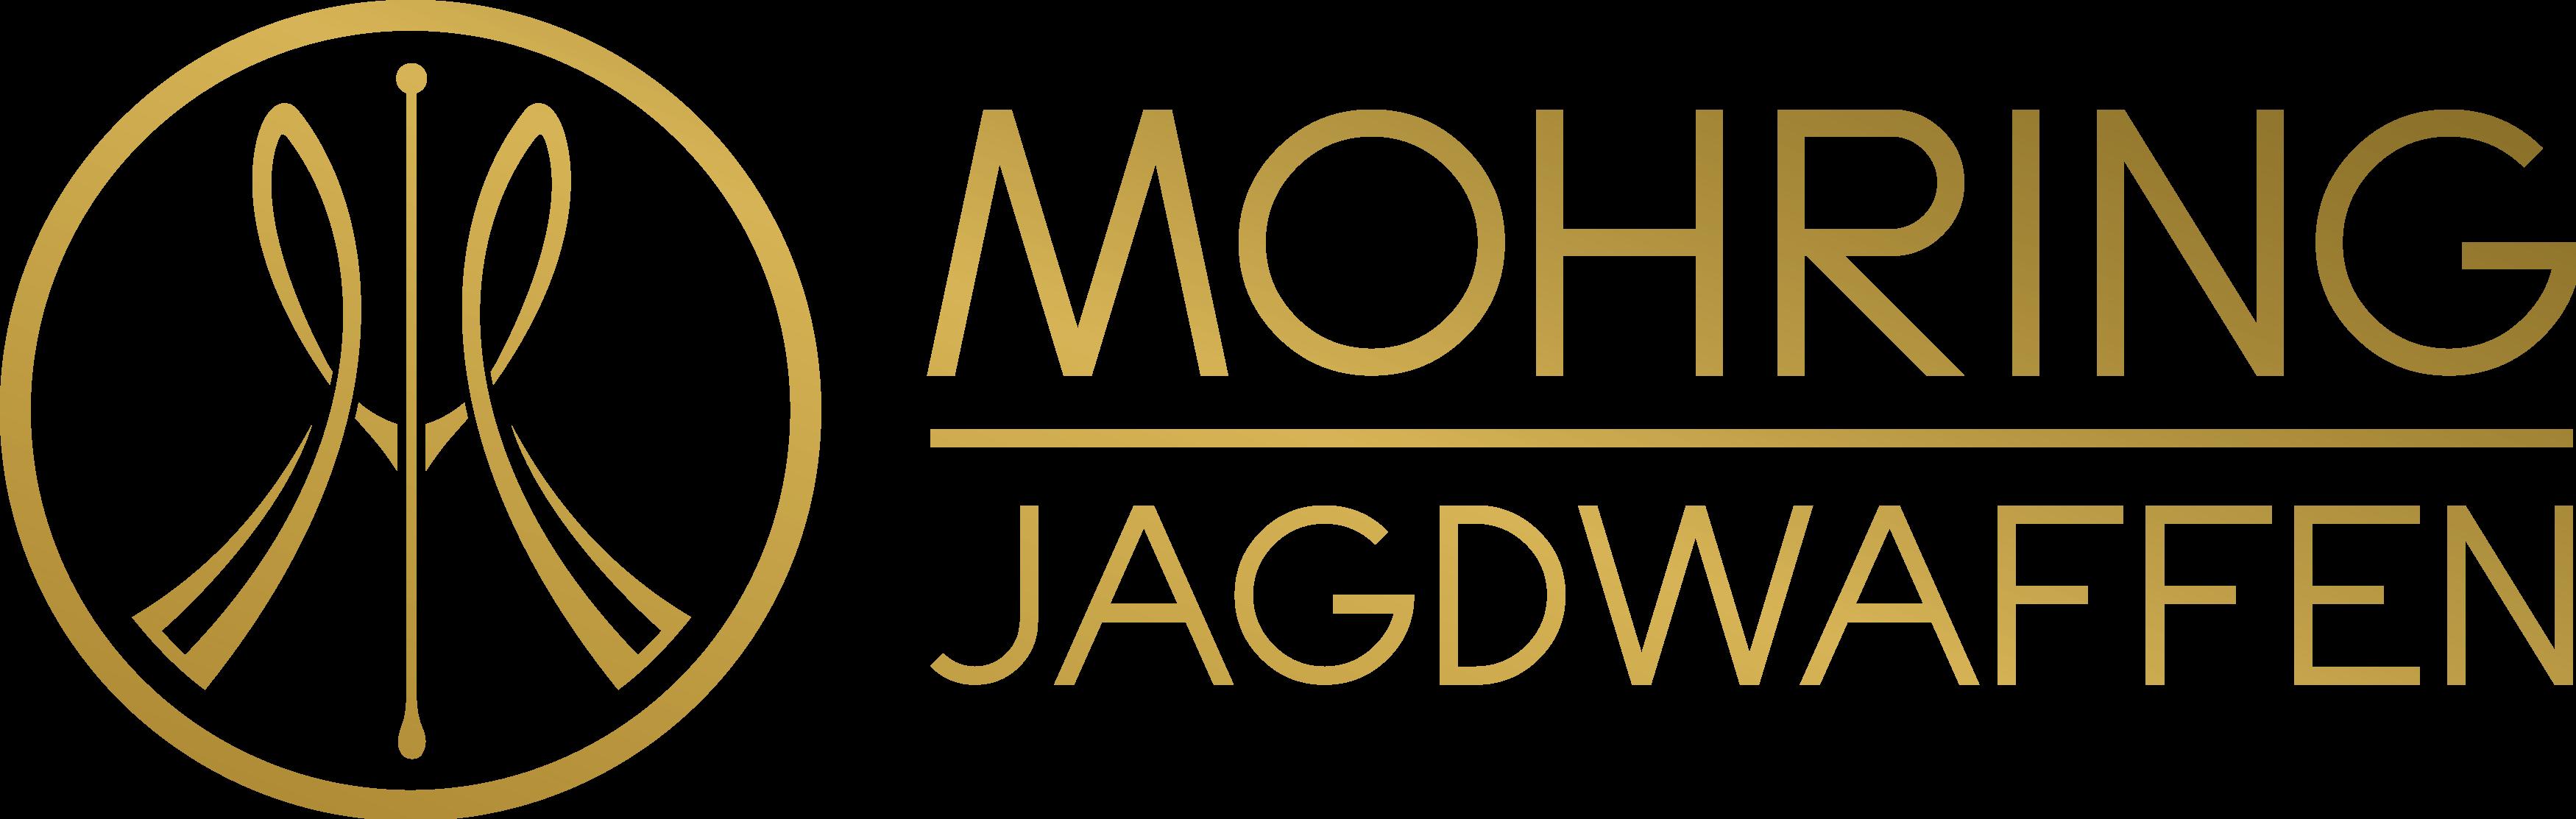 MOHRING JAGDWAFFEN